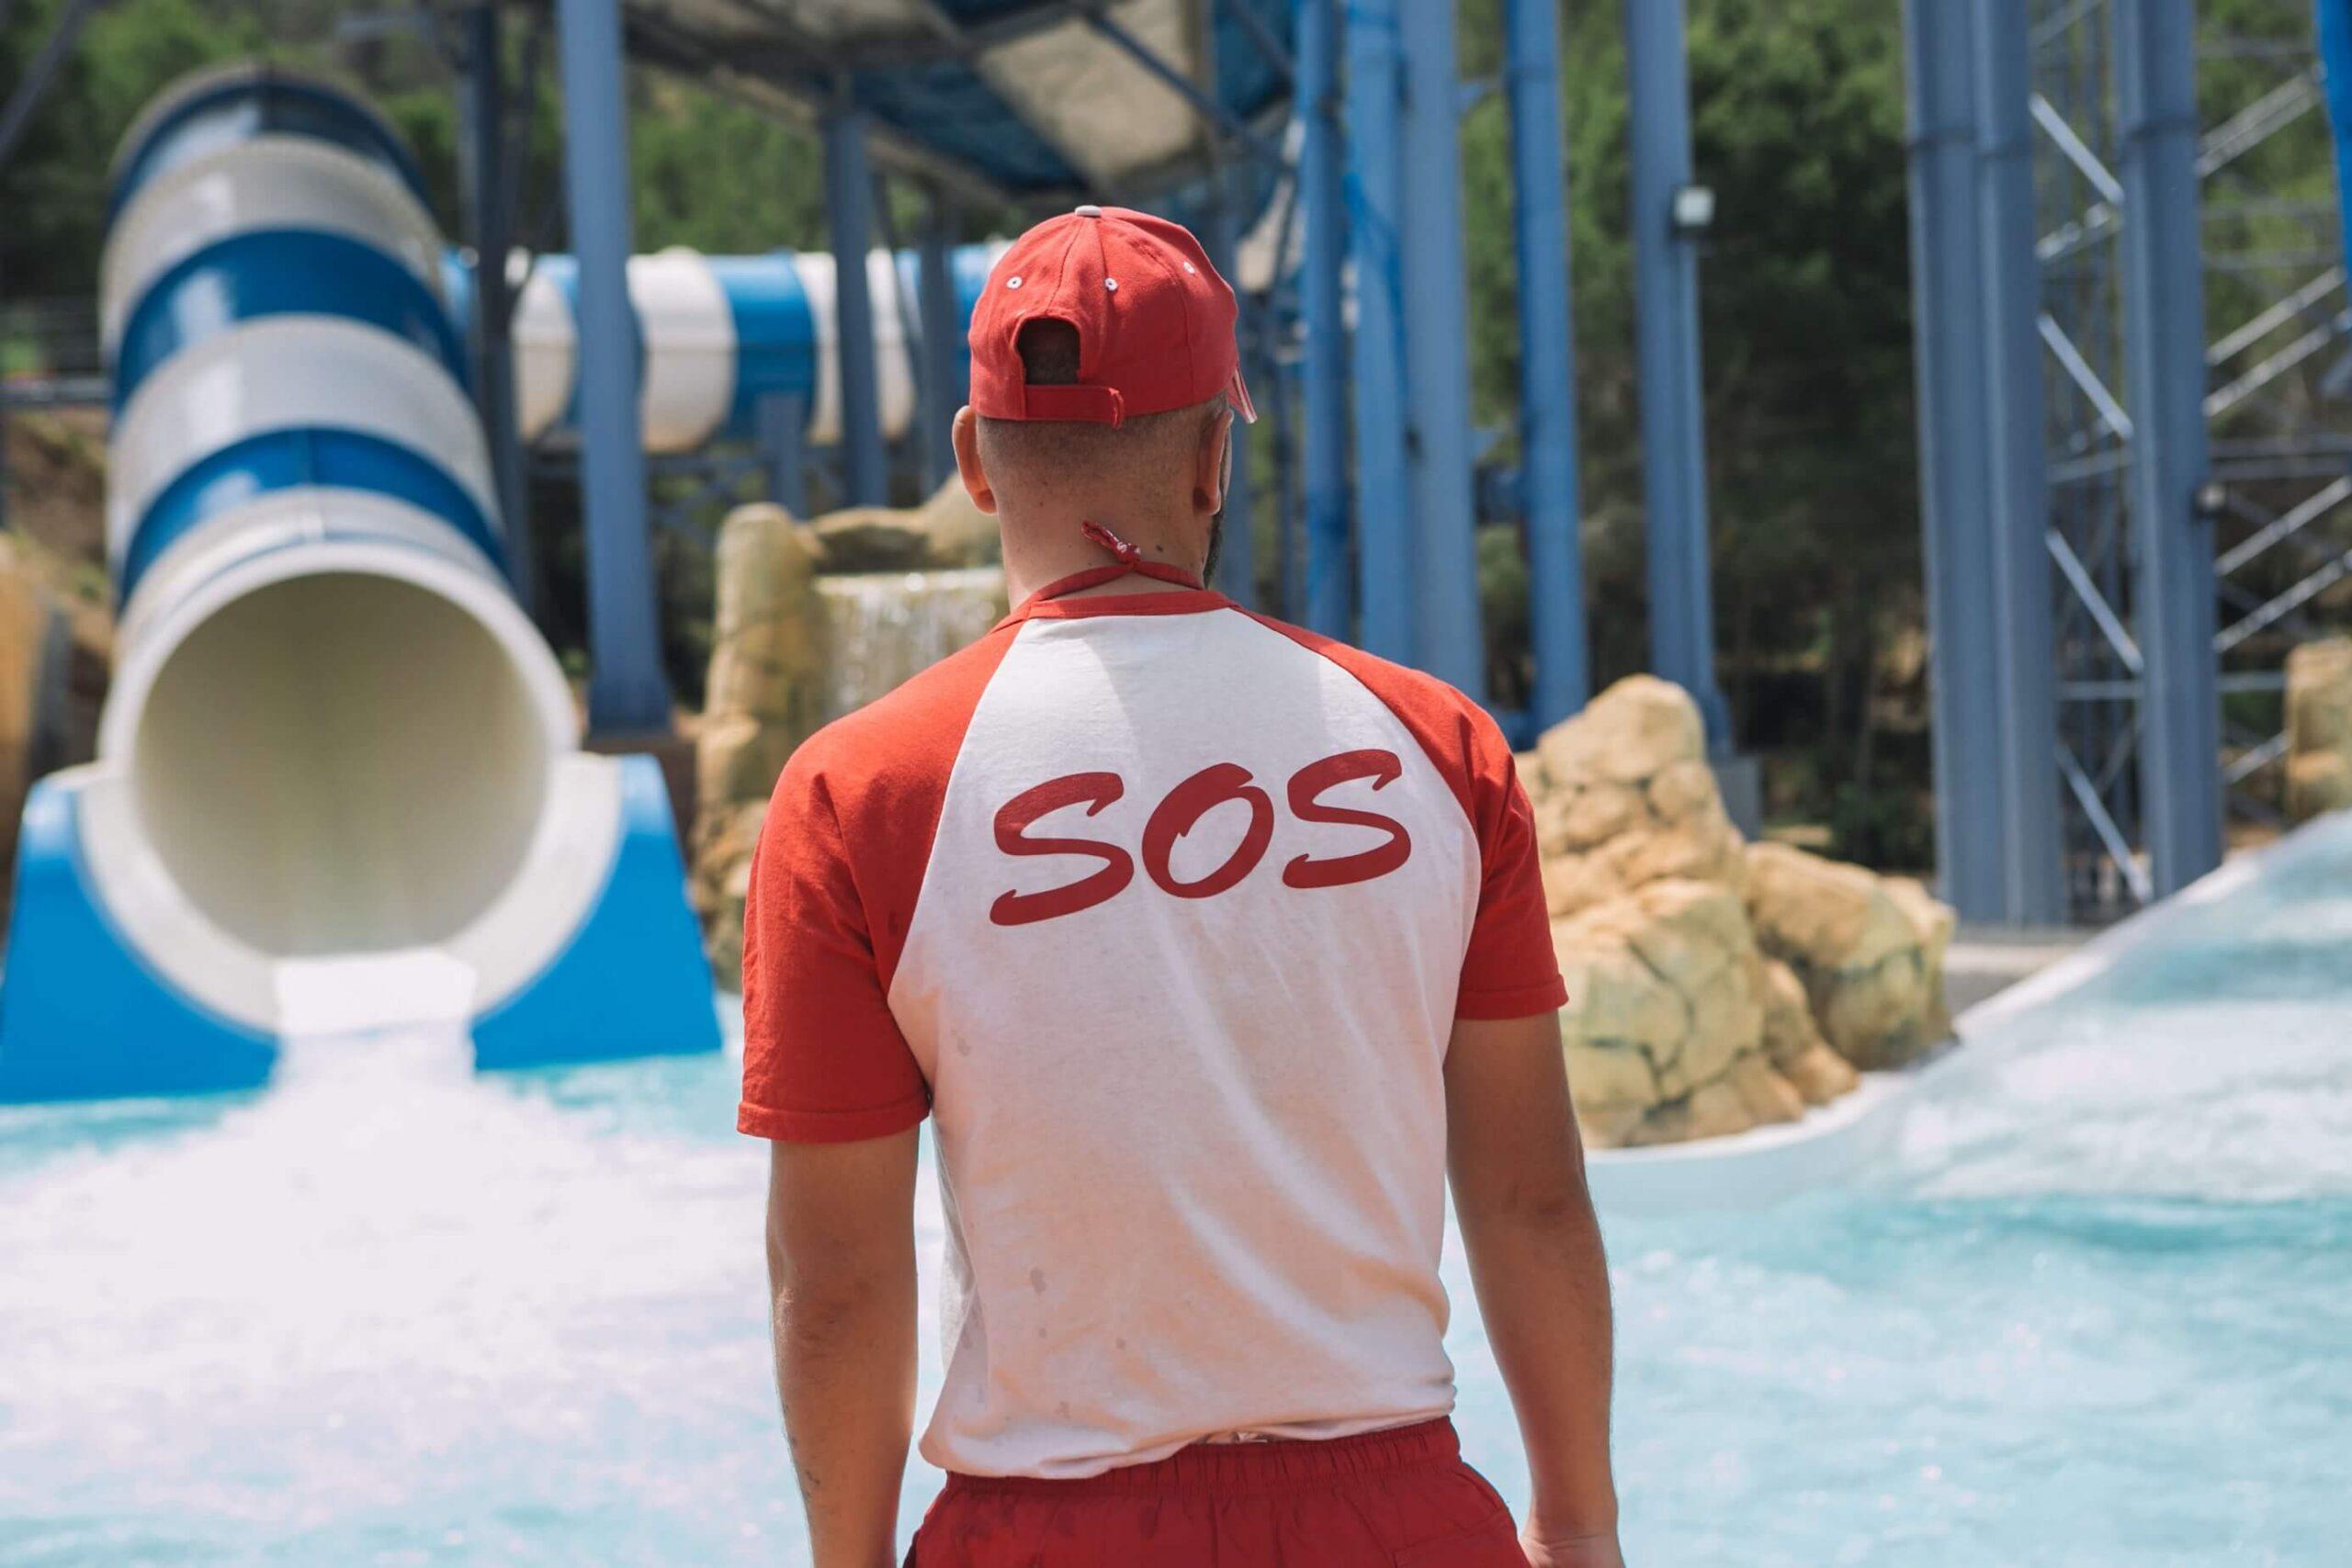 El trabajo de los socorristas en Aqualandia